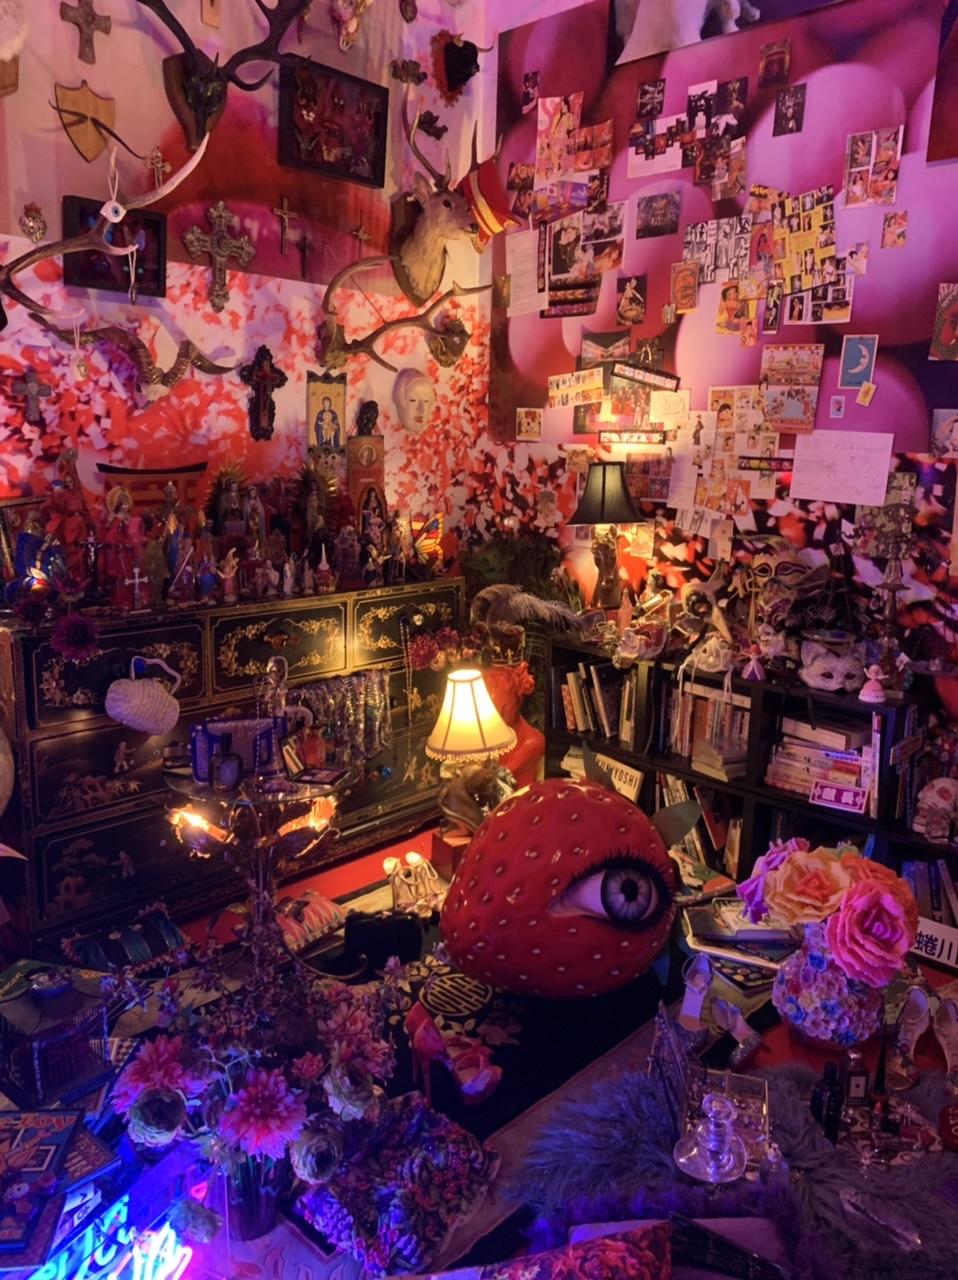 11/14(日)まで!上野の森美術館で開催中の蜷川実花展に行ってきました!_8